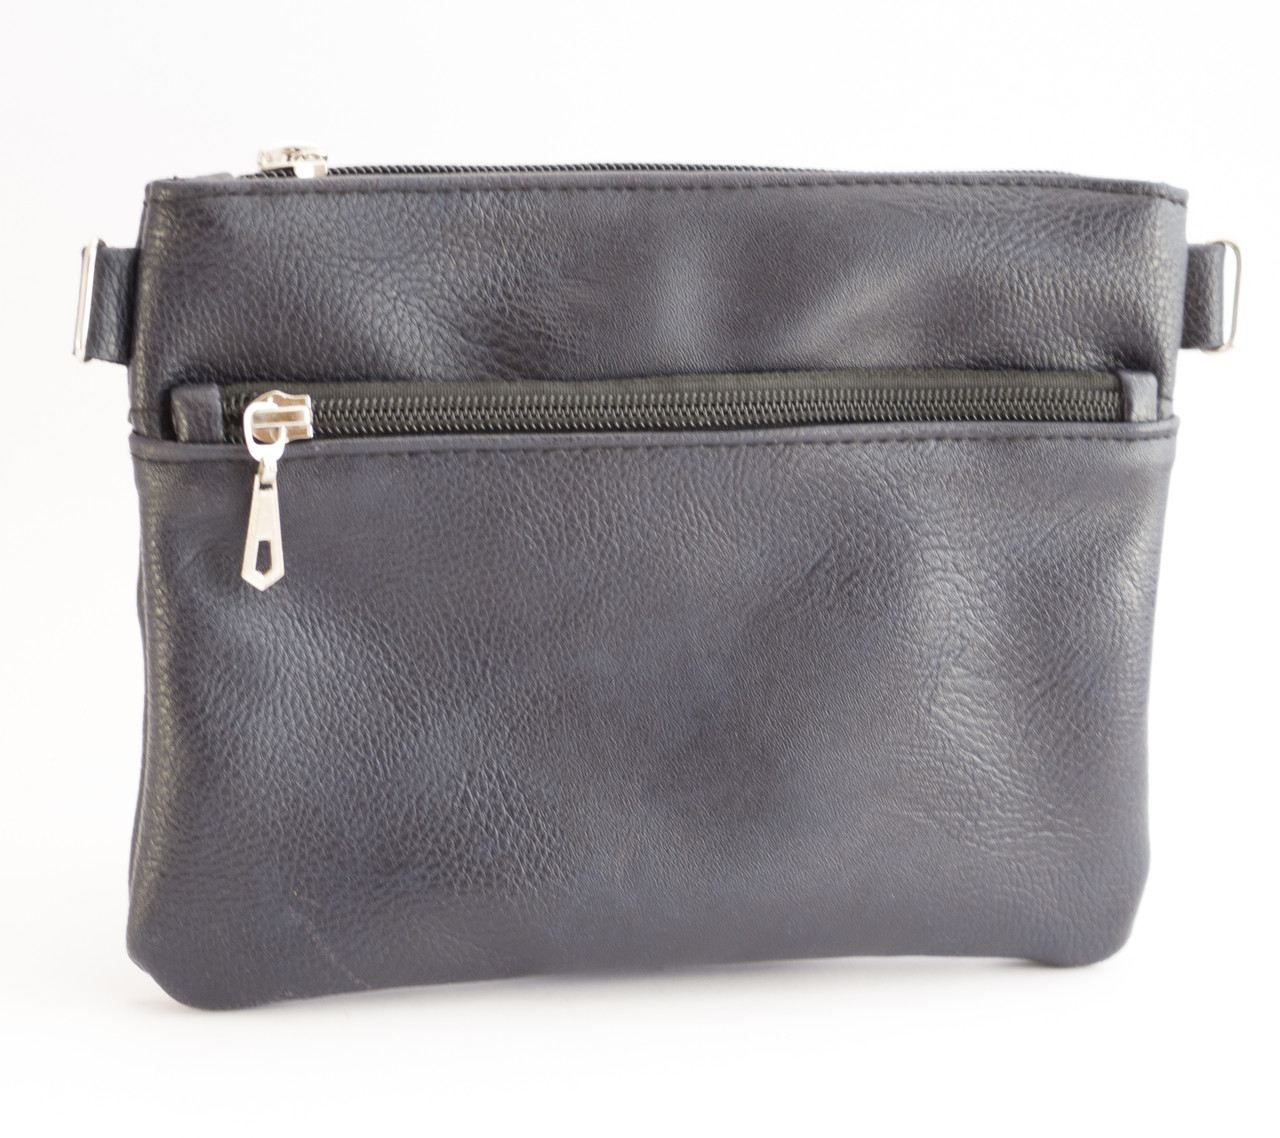 Стильная женская сумка почтальонка с гладкой эко кожи темно синего цвета Б/Н art. T17